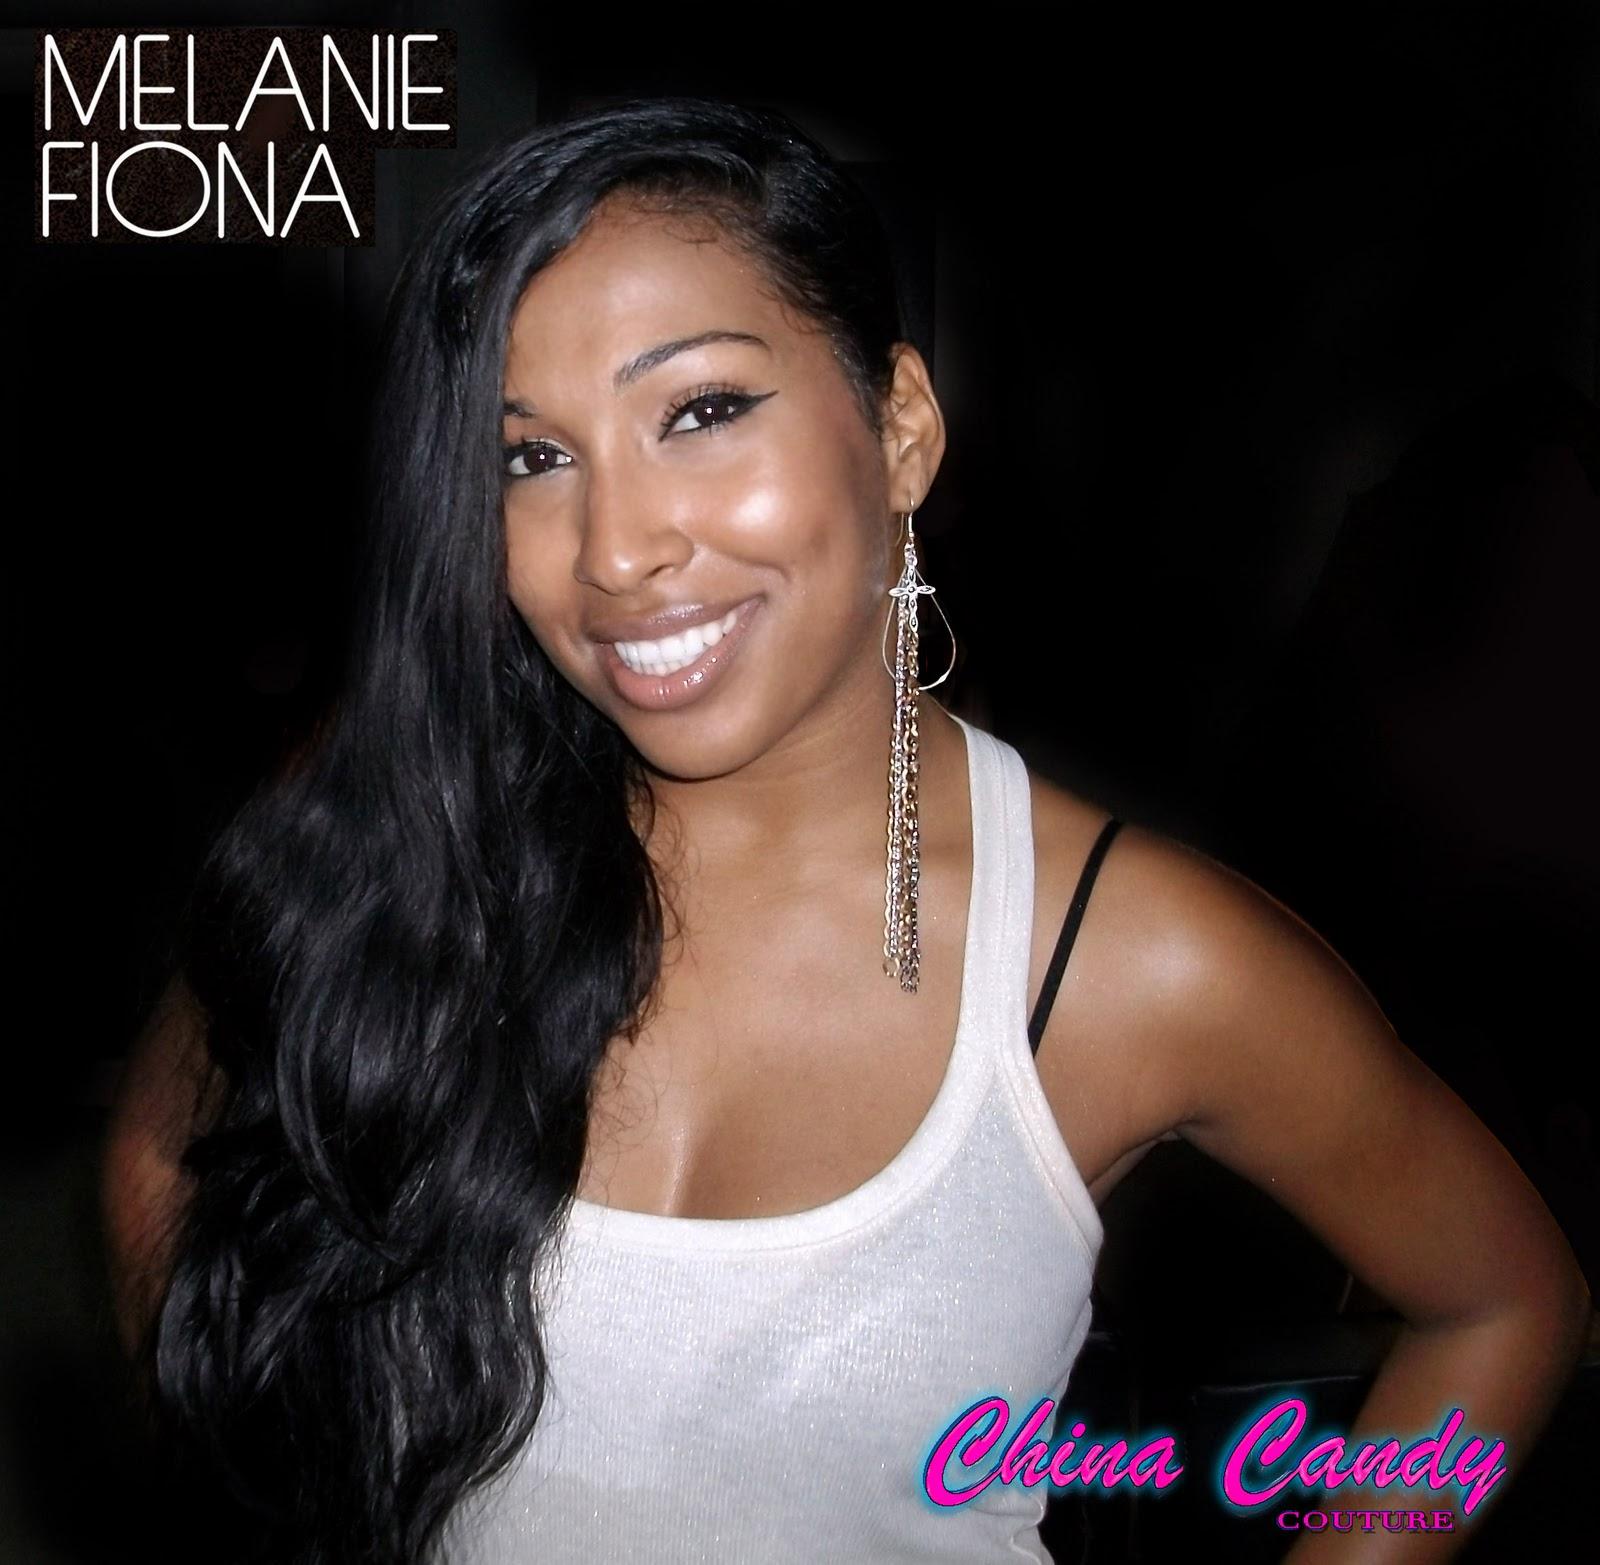 http://2.bp.blogspot.com/_kJ7q6ExLwtA/TRFHNH6BstI/AAAAAAAAApg/GjVvesSkYZI/s1600/MelanieFiona.jpg